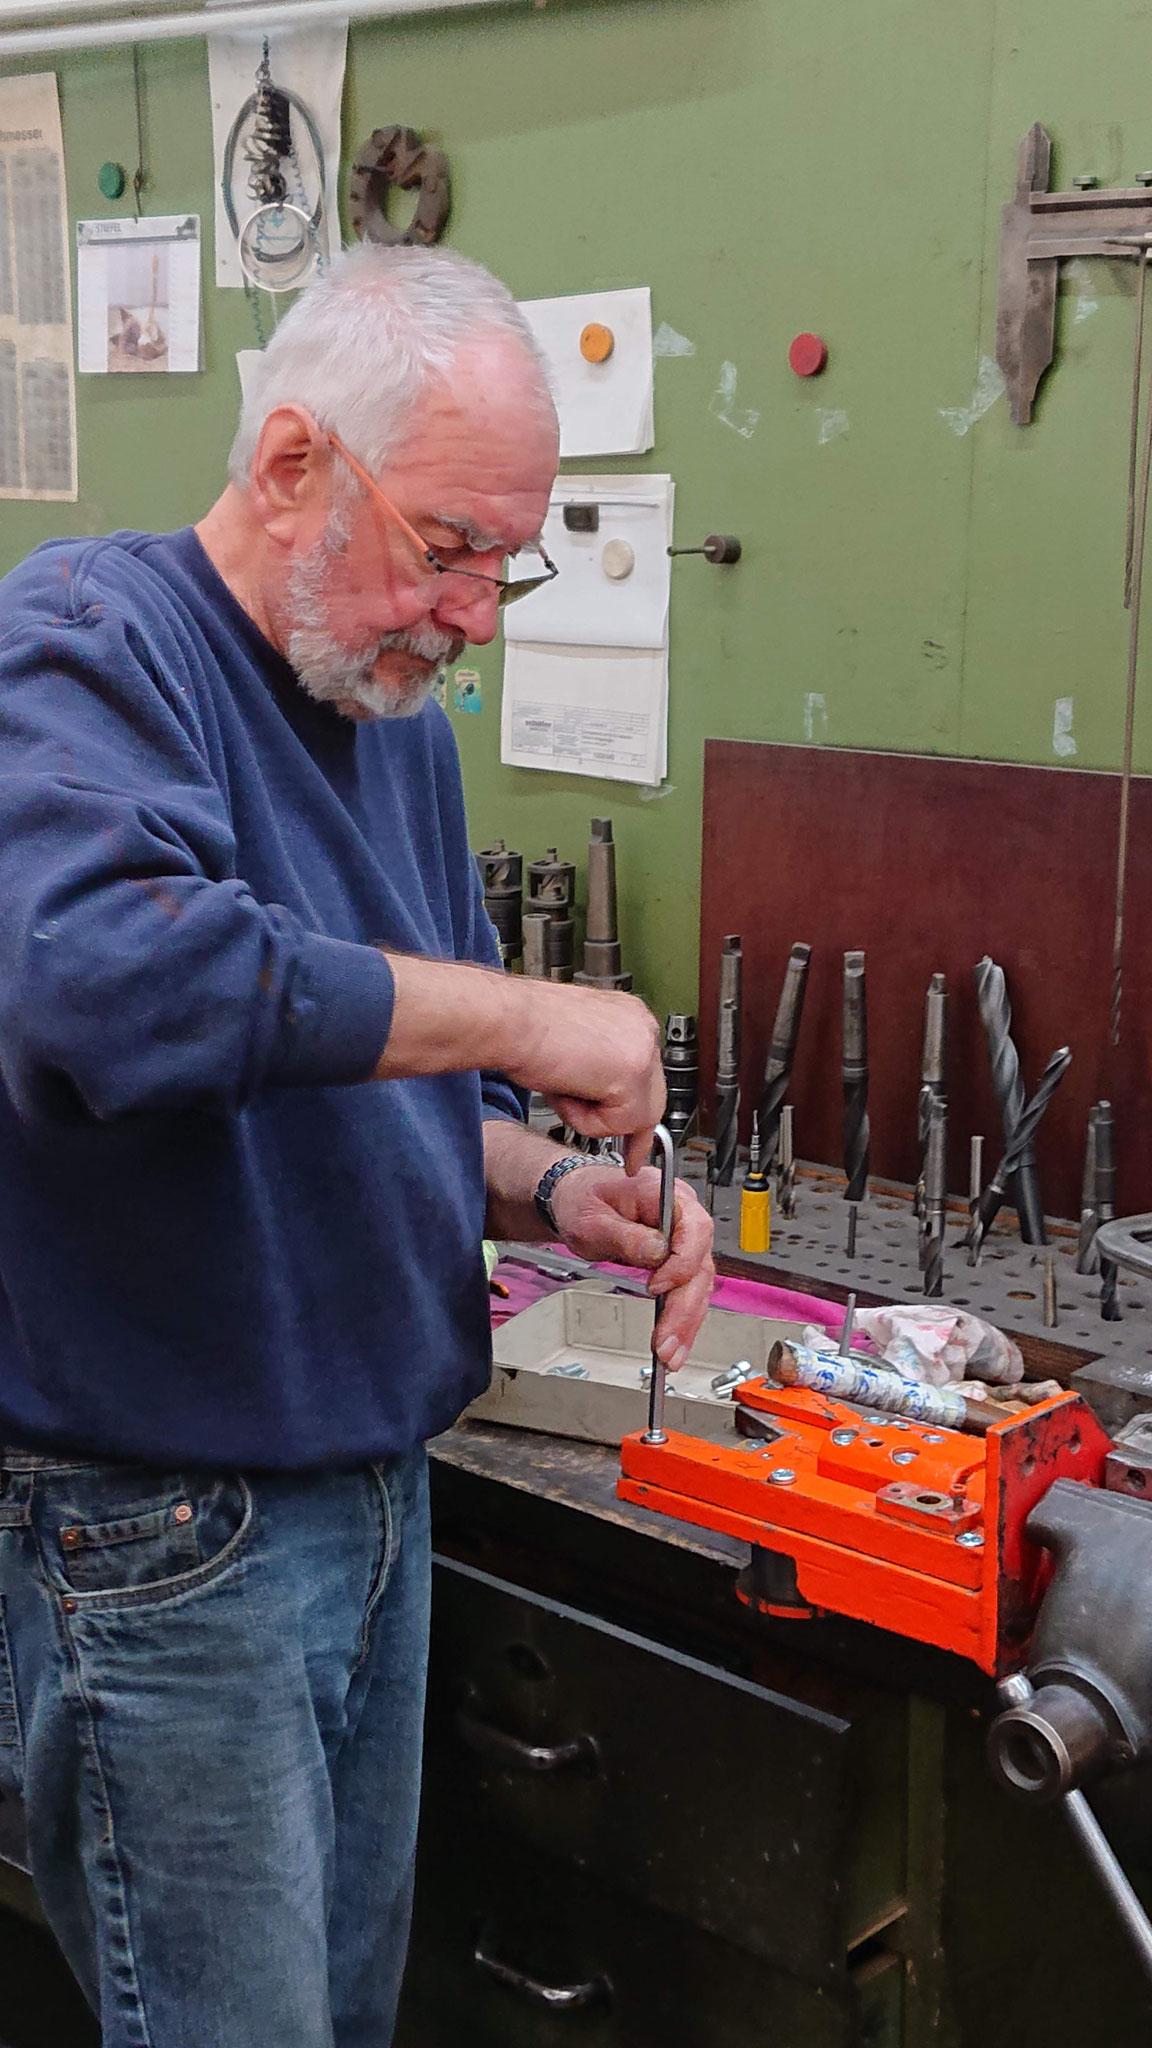 Walle montiert die Messerplatte